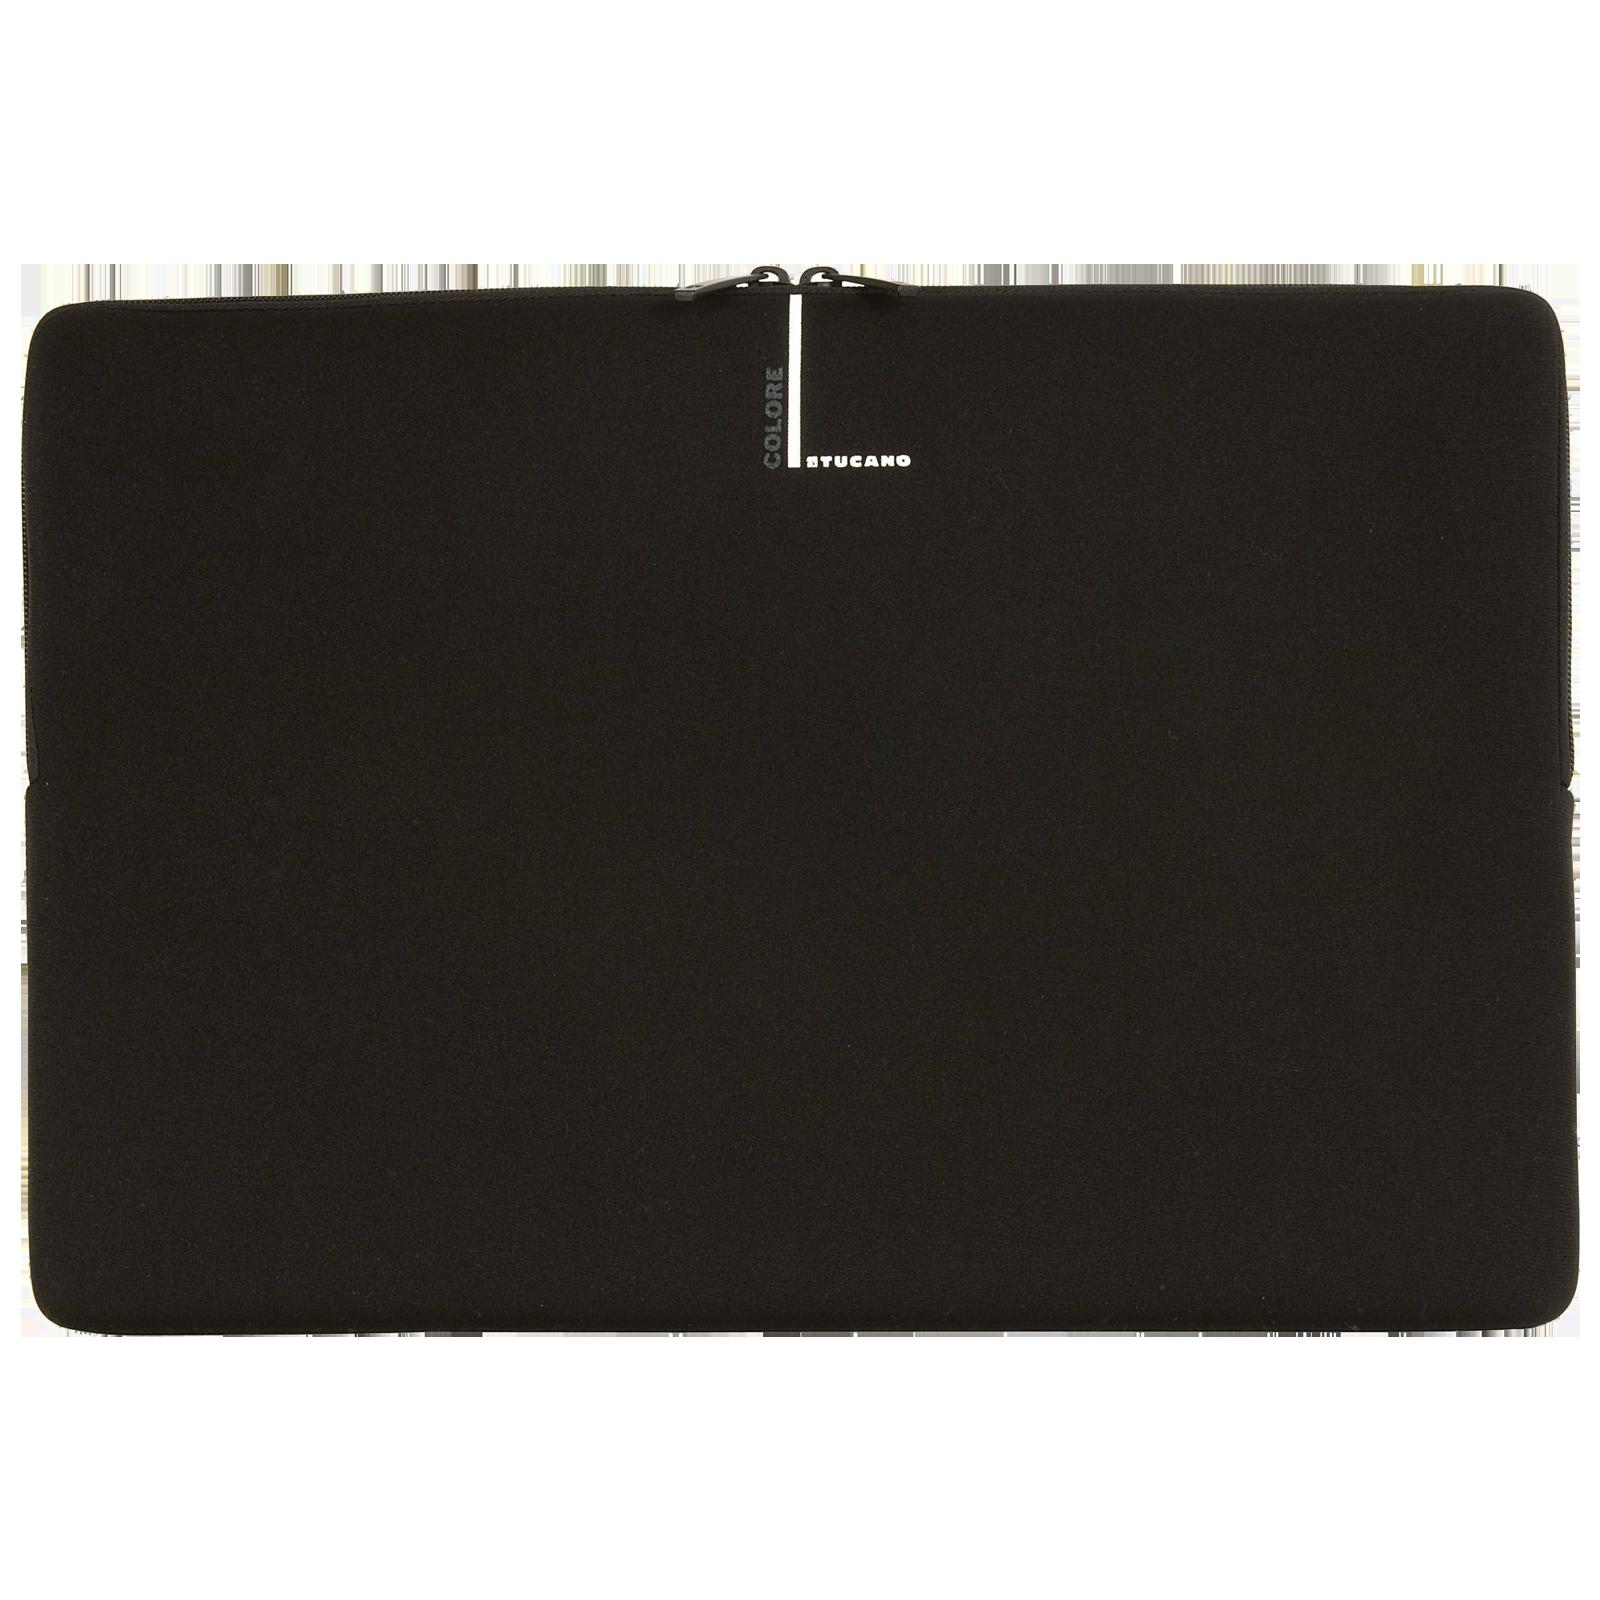 Tucano Colore Second Skin Neoprene Sleeve for 15.6 Inch Laptop (Anti-Slip System, BFC1516, Black)_1